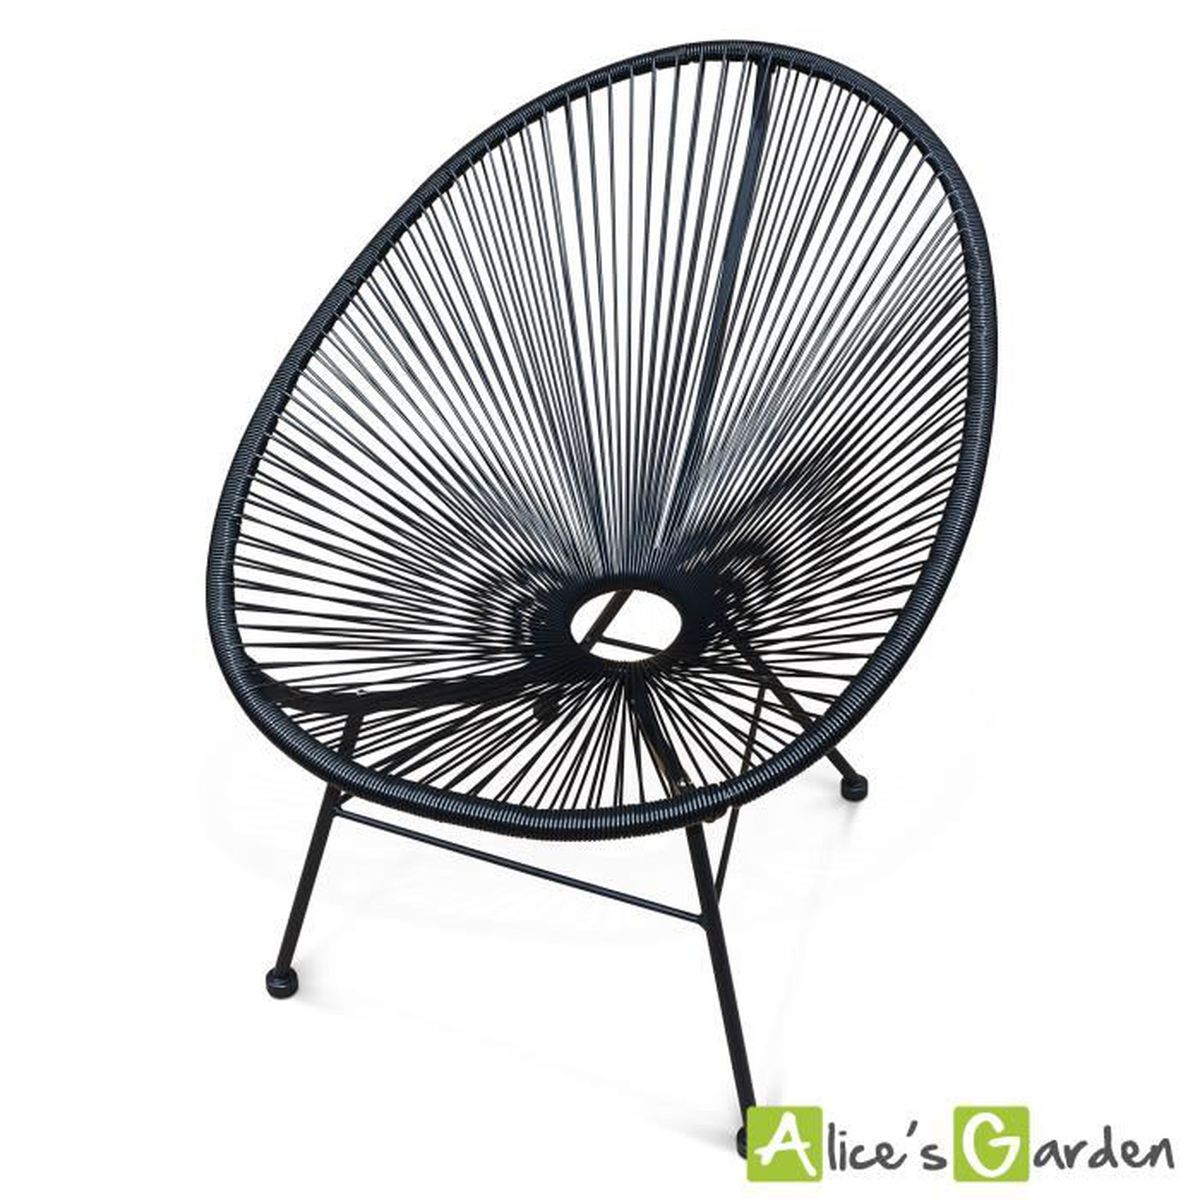 fauteuil acapulco chaise uf design r tro cordage noir achat vente fauteuil jardin fauteuil. Black Bedroom Furniture Sets. Home Design Ideas